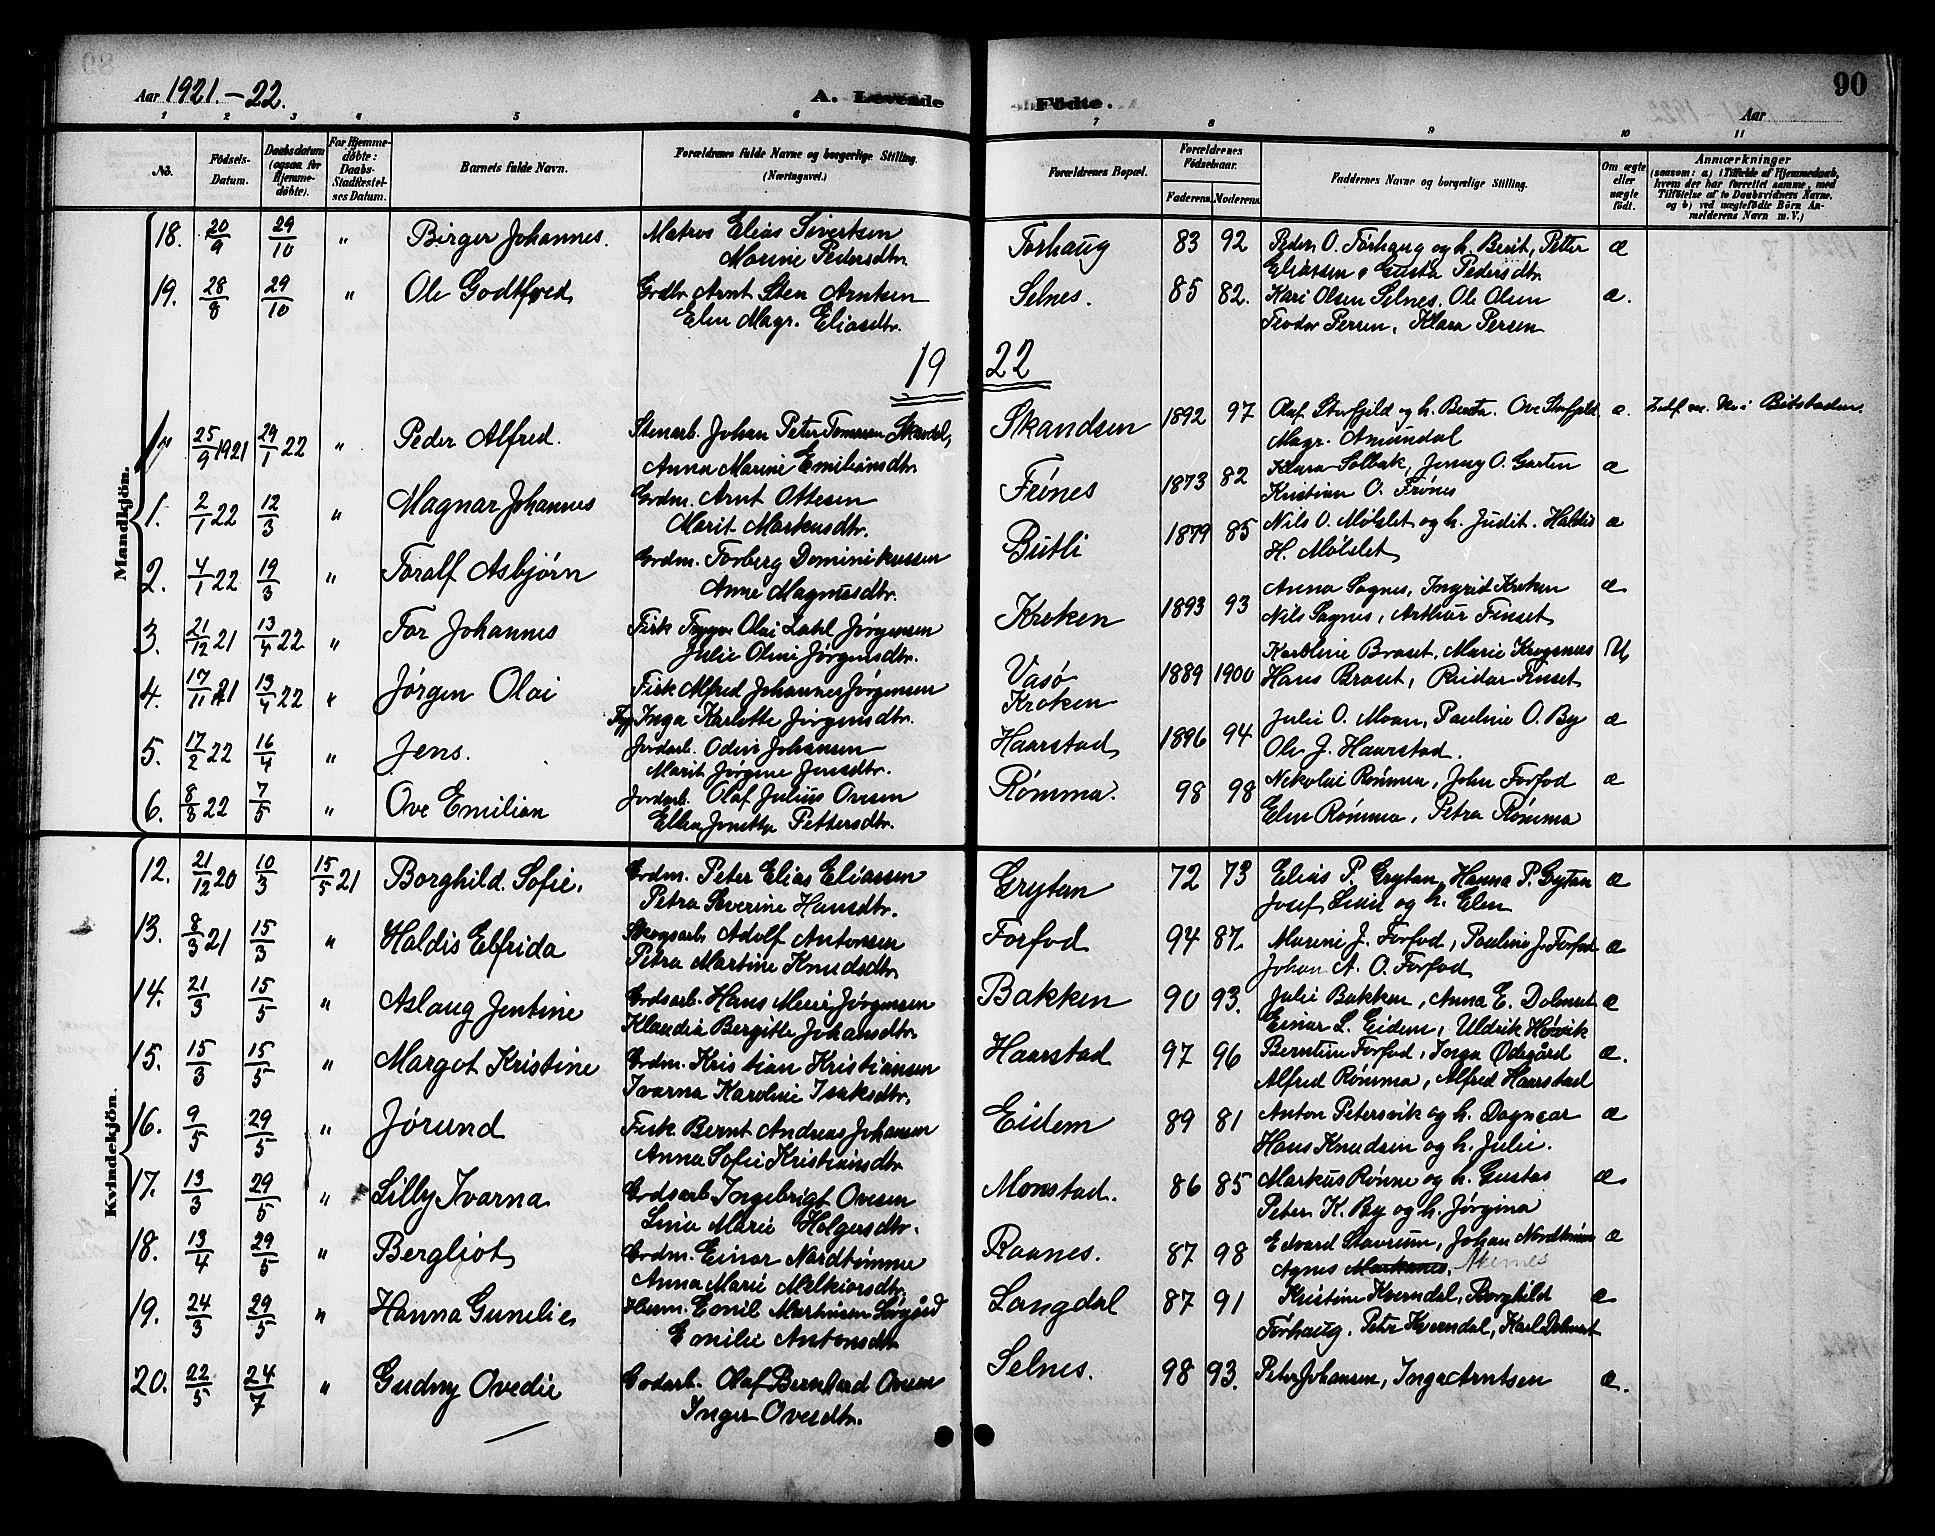 SAT, Ministerialprotokoller, klokkerbøker og fødselsregistre - Sør-Trøndelag, 655/L0688: Klokkerbok nr. 655C04, 1899-1922, s. 90